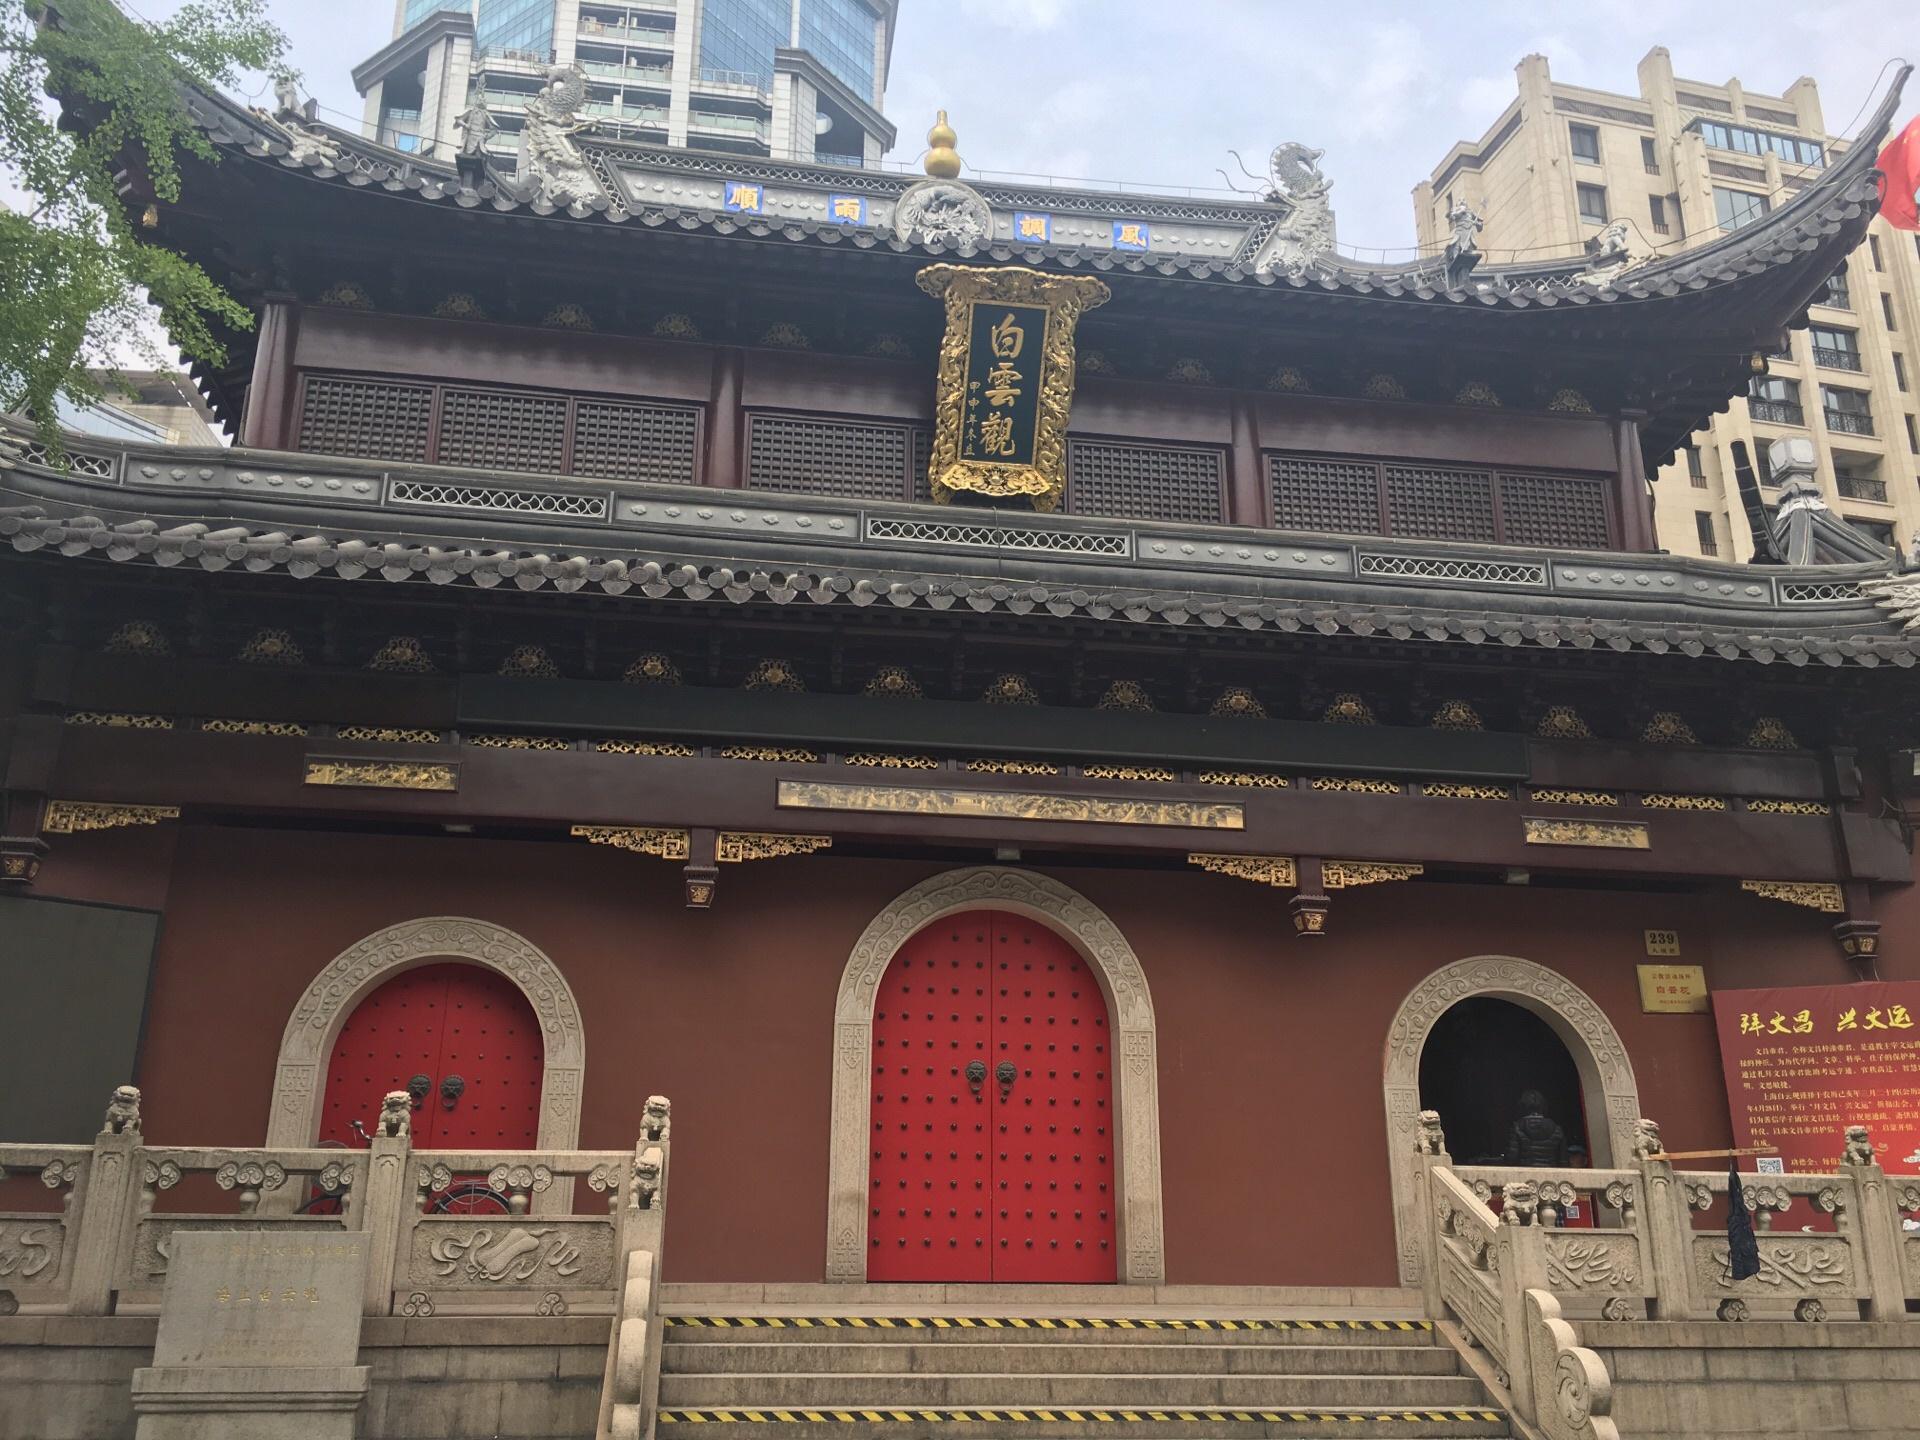 上海市 黄浦区 白云观